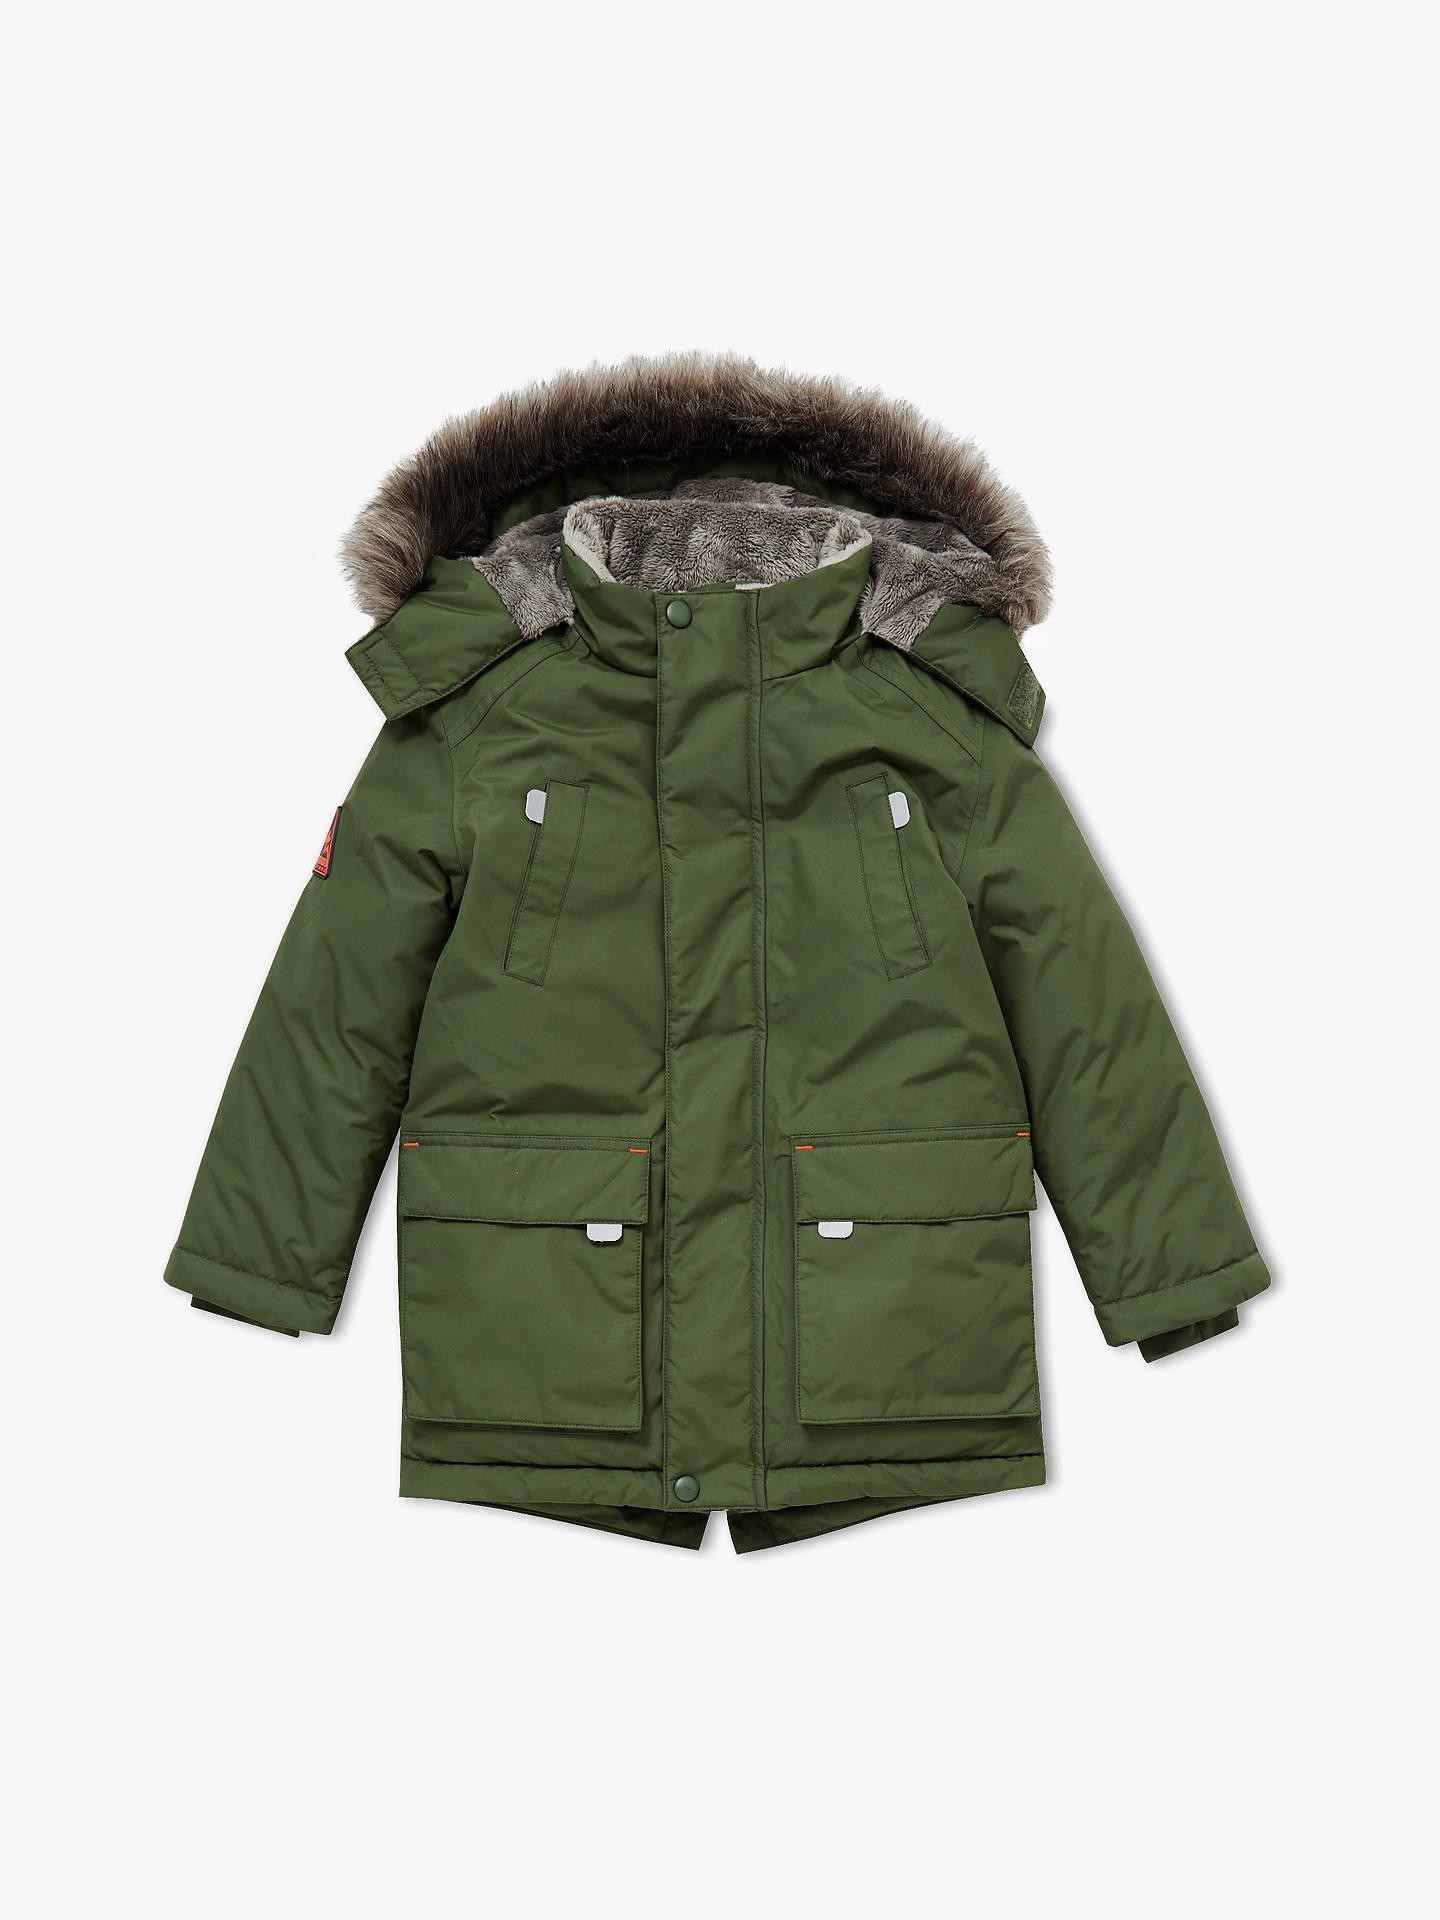 Parka Coats Online